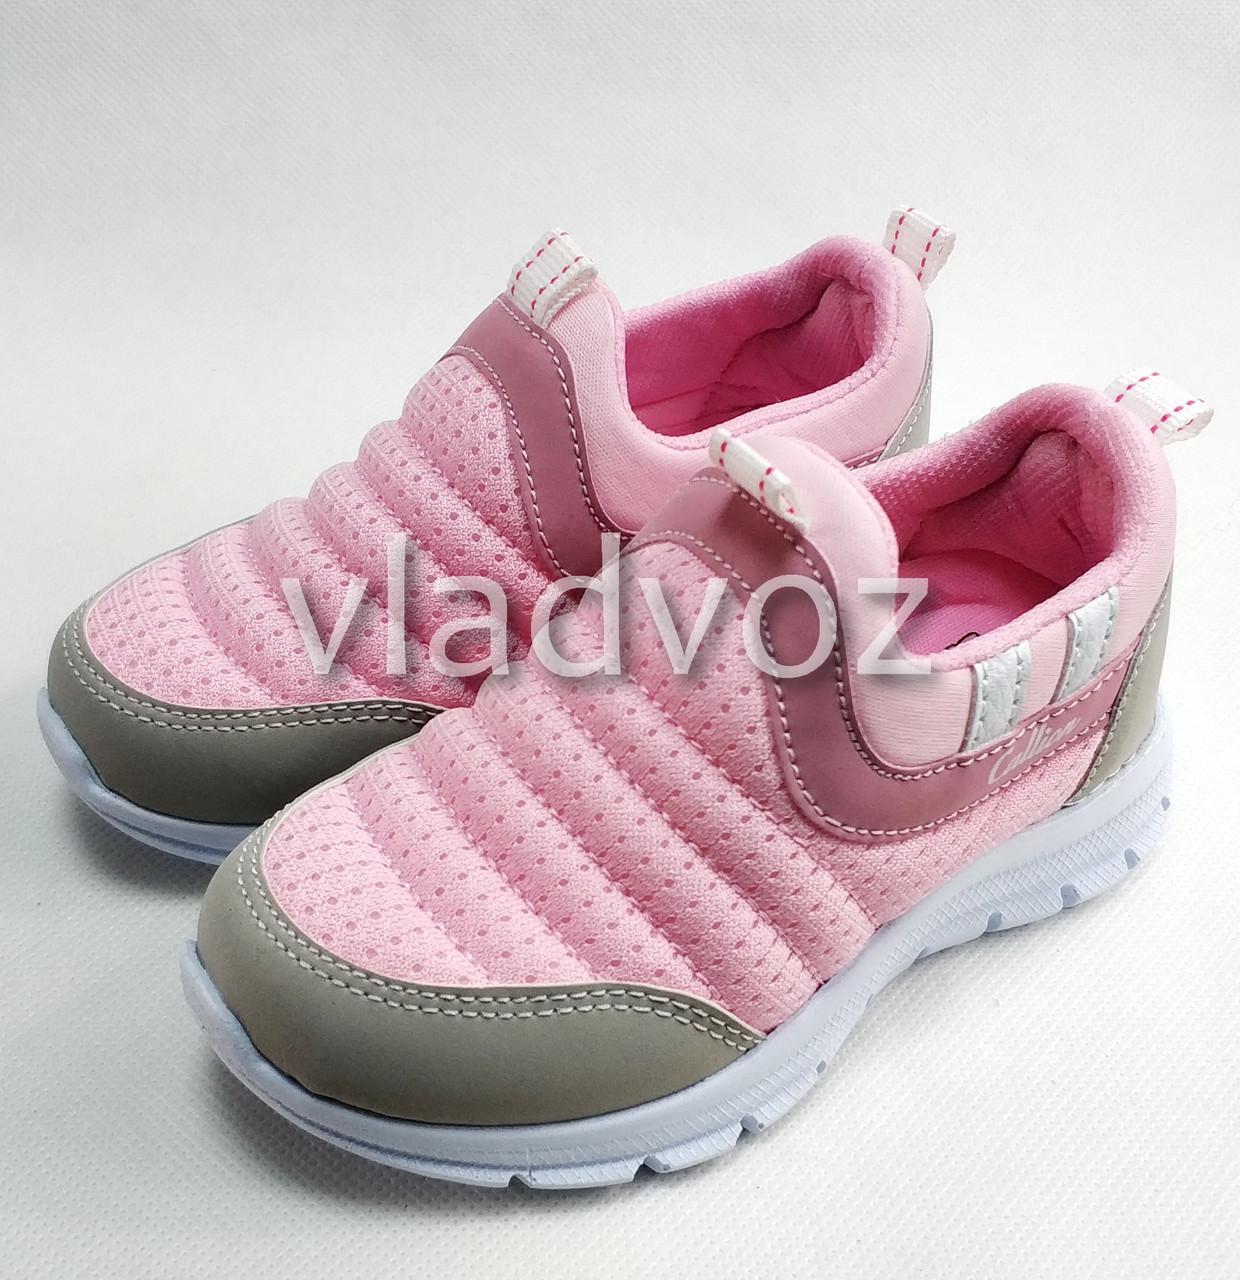 693d8d93 Детские кроссовки для девочки розовая модель 29р. - ☎ 0681044912  интернет-магазин vladvozsklad в